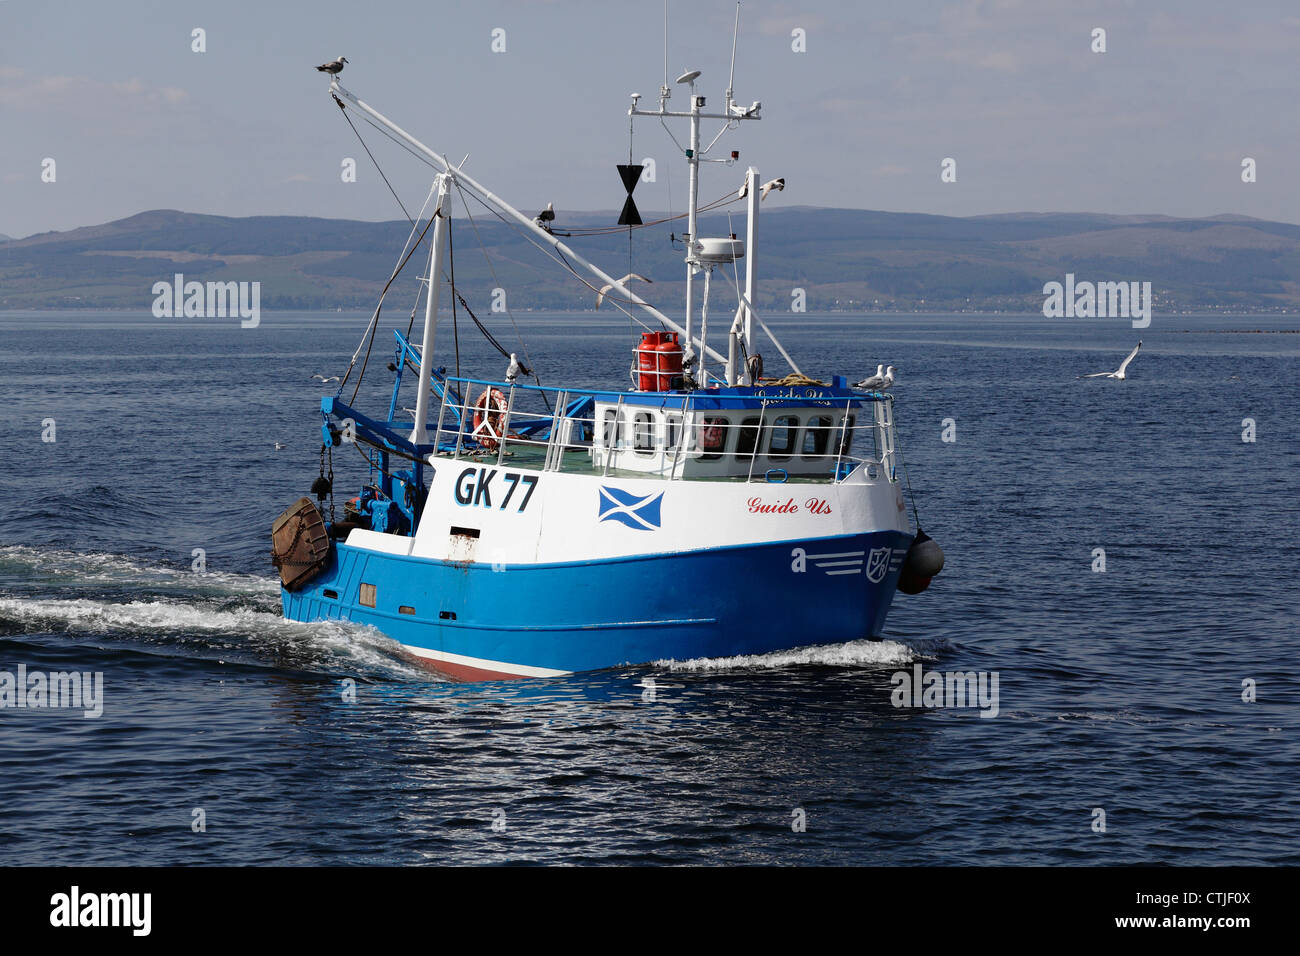 Petit bateau de pêche à voile à nous guider dans le Firth of Clyde, Ayrshire, Scotland, UK Photo Stock